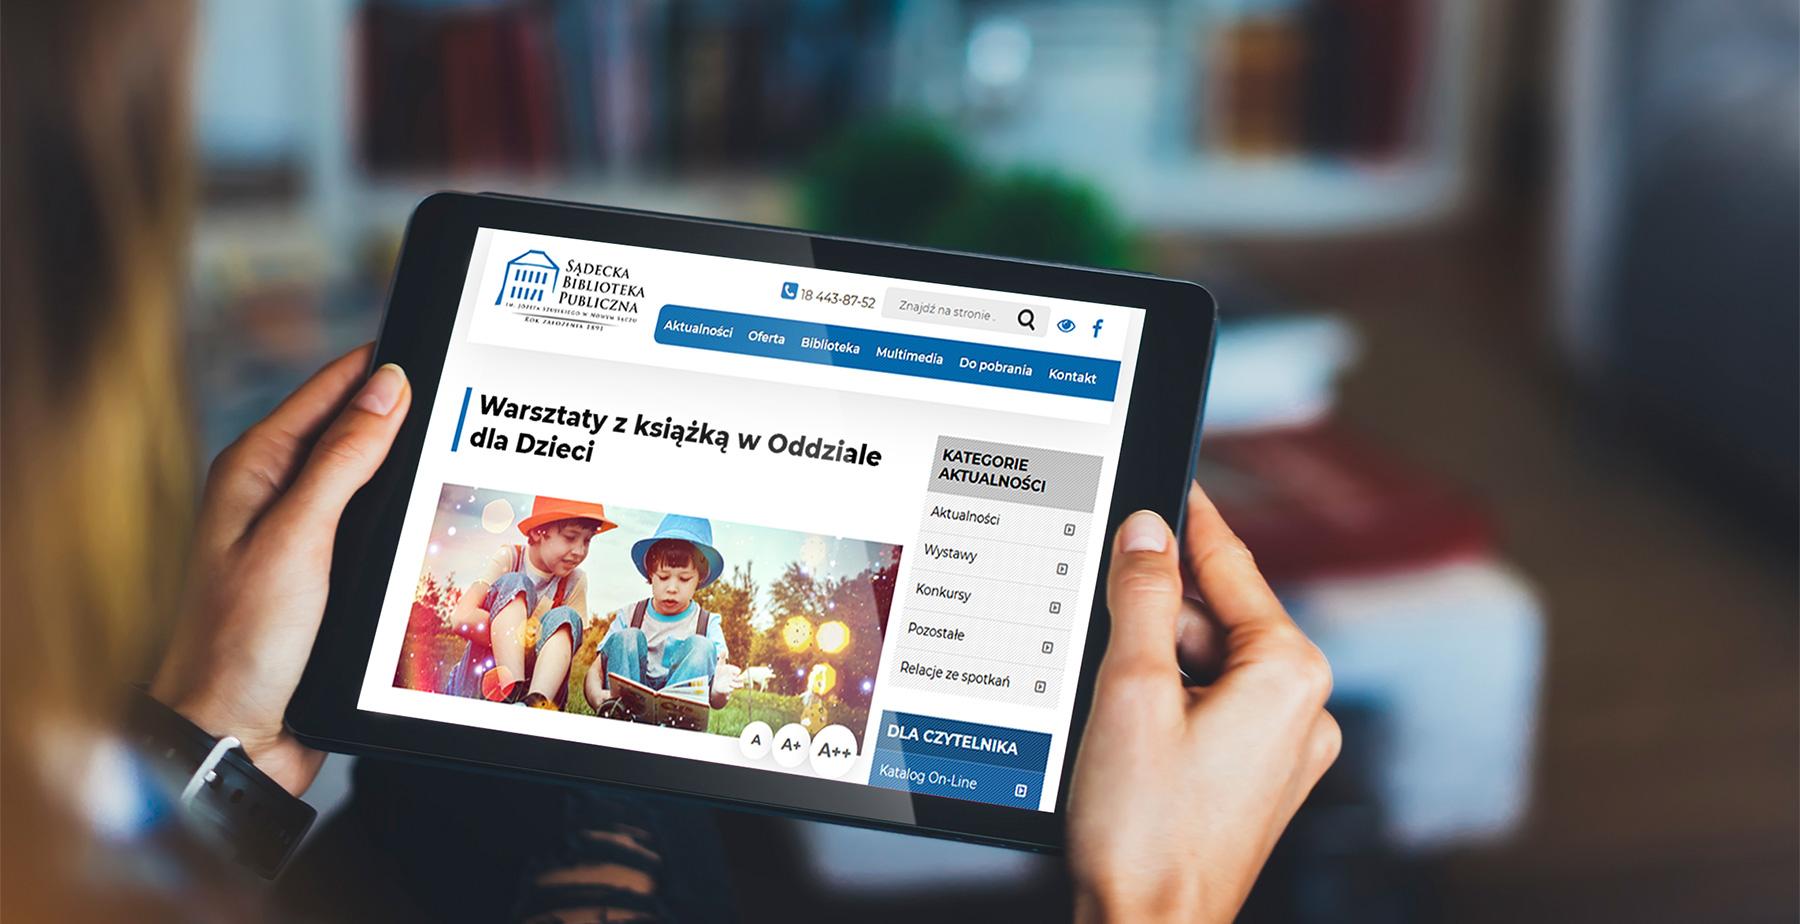 Biblioteka Nowy Sącz / <span>Responsywna strona internetowa</span>